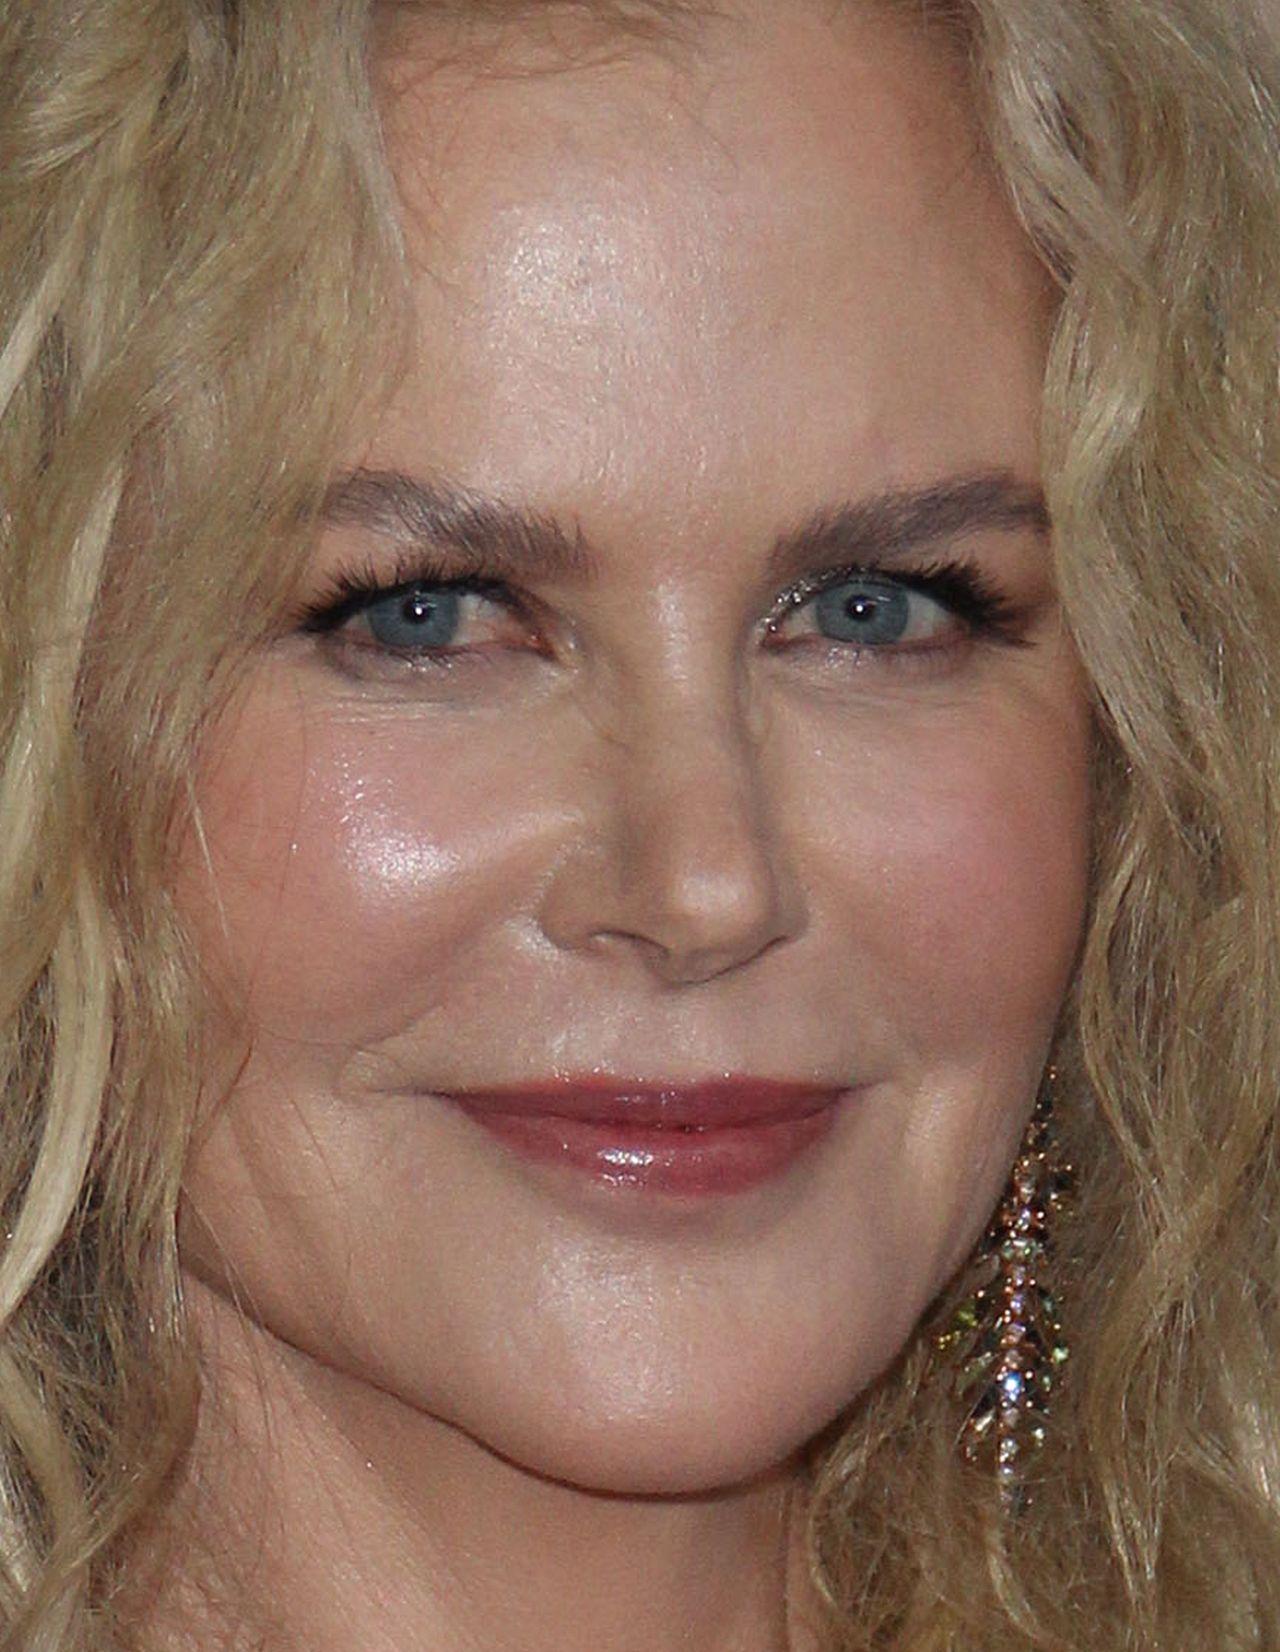 Co się stało z twarzą Nicole Kidman? Wygląda na bardzo opuchniętą (ZDJĘCIA)